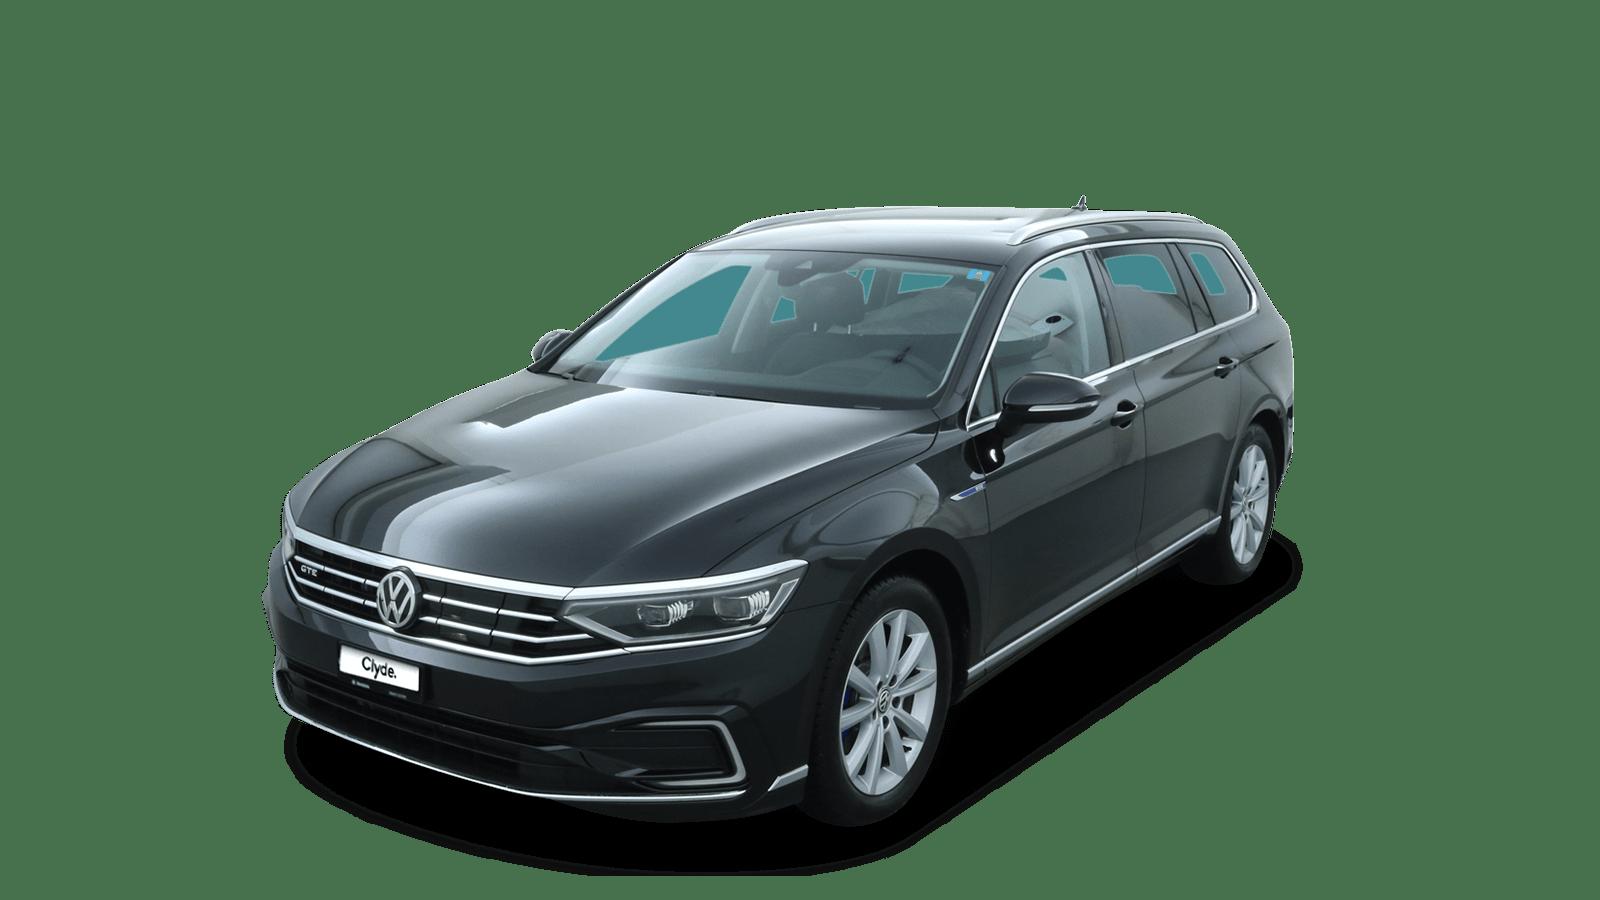 VW Passat Variant Black front - Clyde car subscription